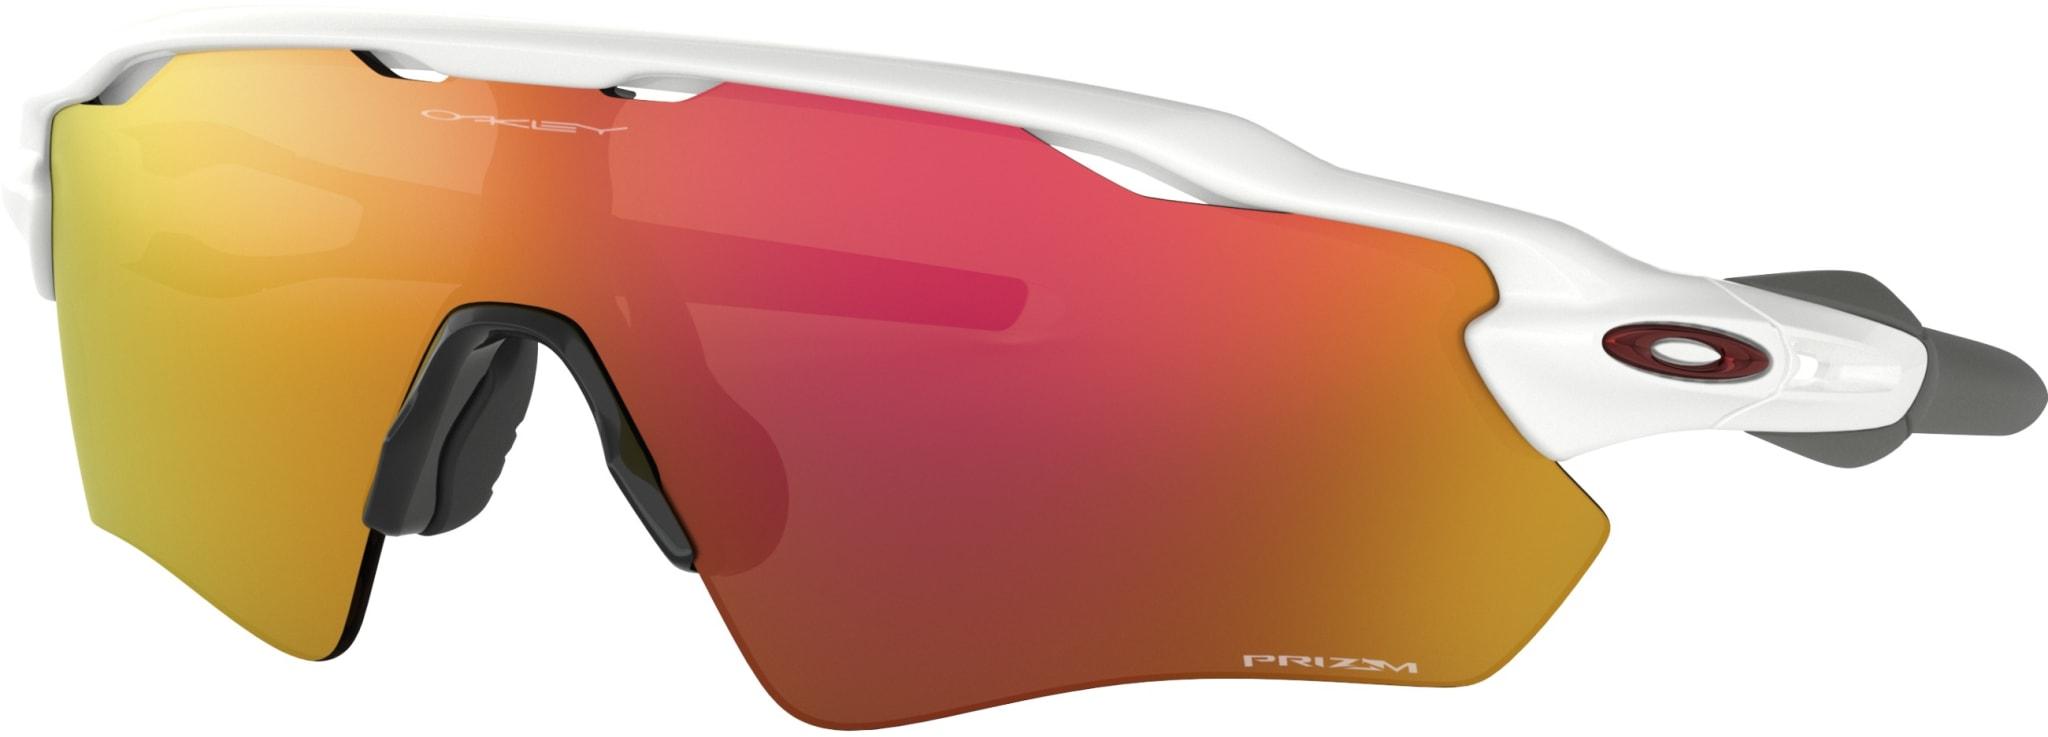 Lekker sportsbrille med stort synsfelt og snøglass